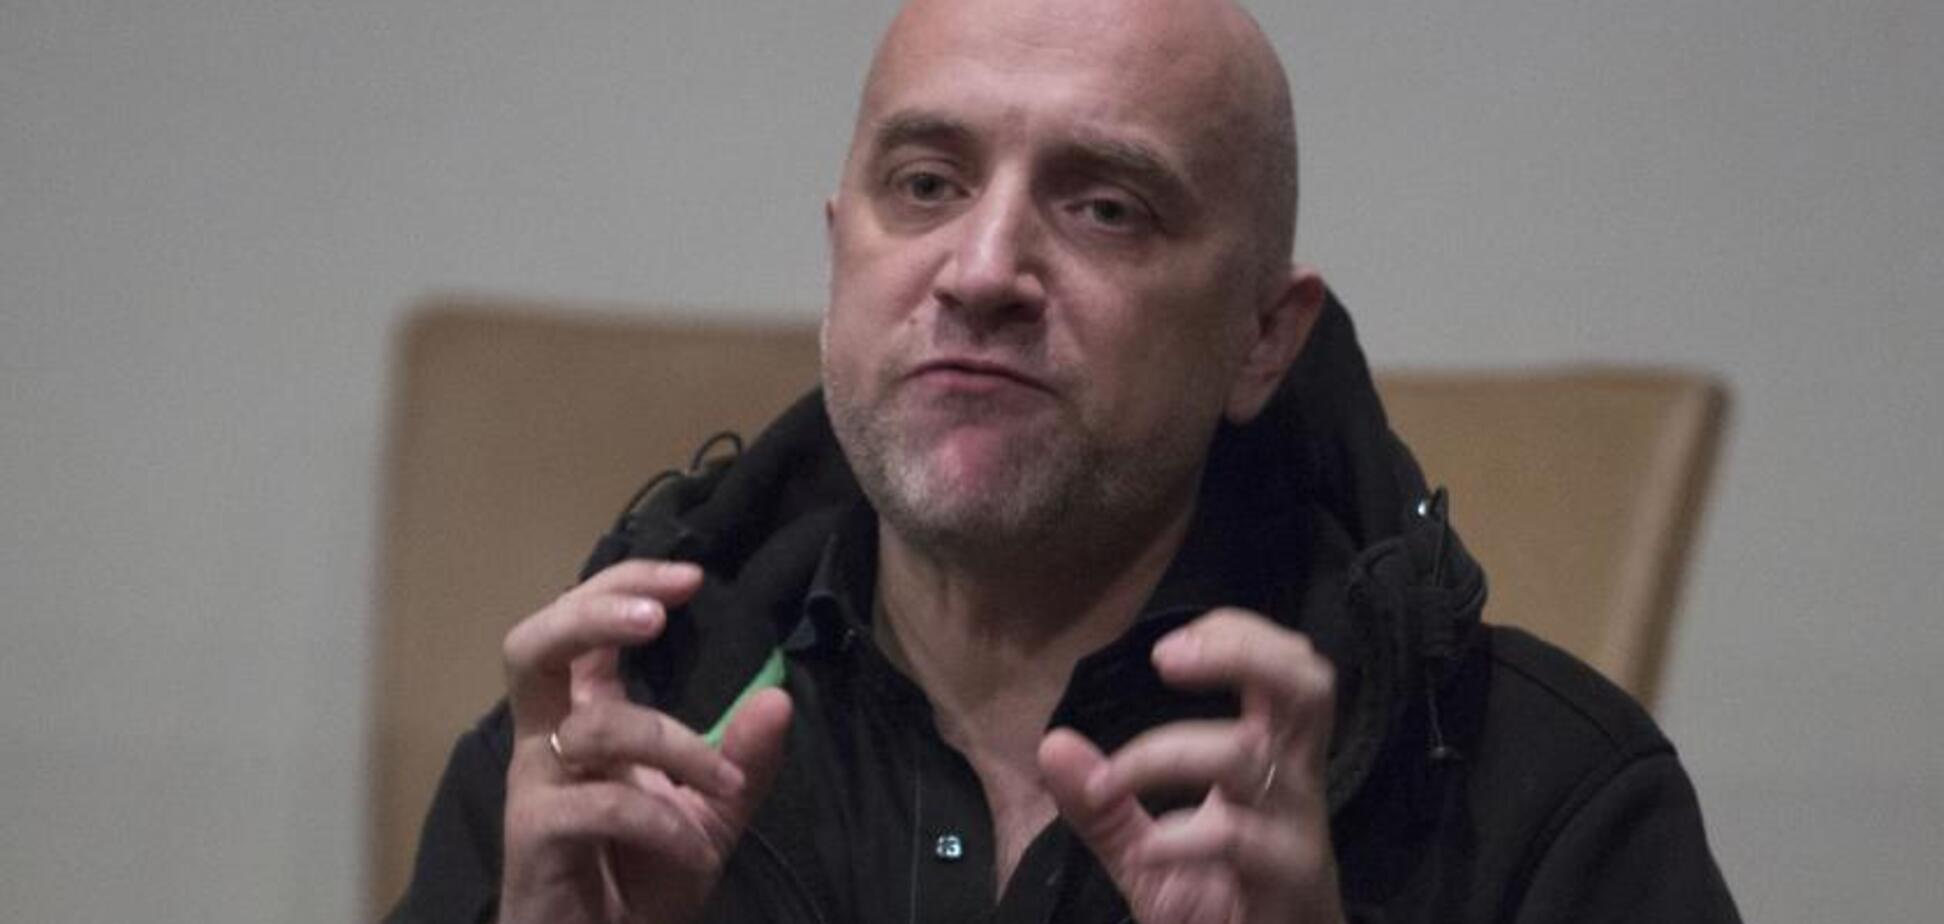 ''Вот и фото заложников'': писатель-террорист Прилепин разразился бредовым фейком о Донбассе